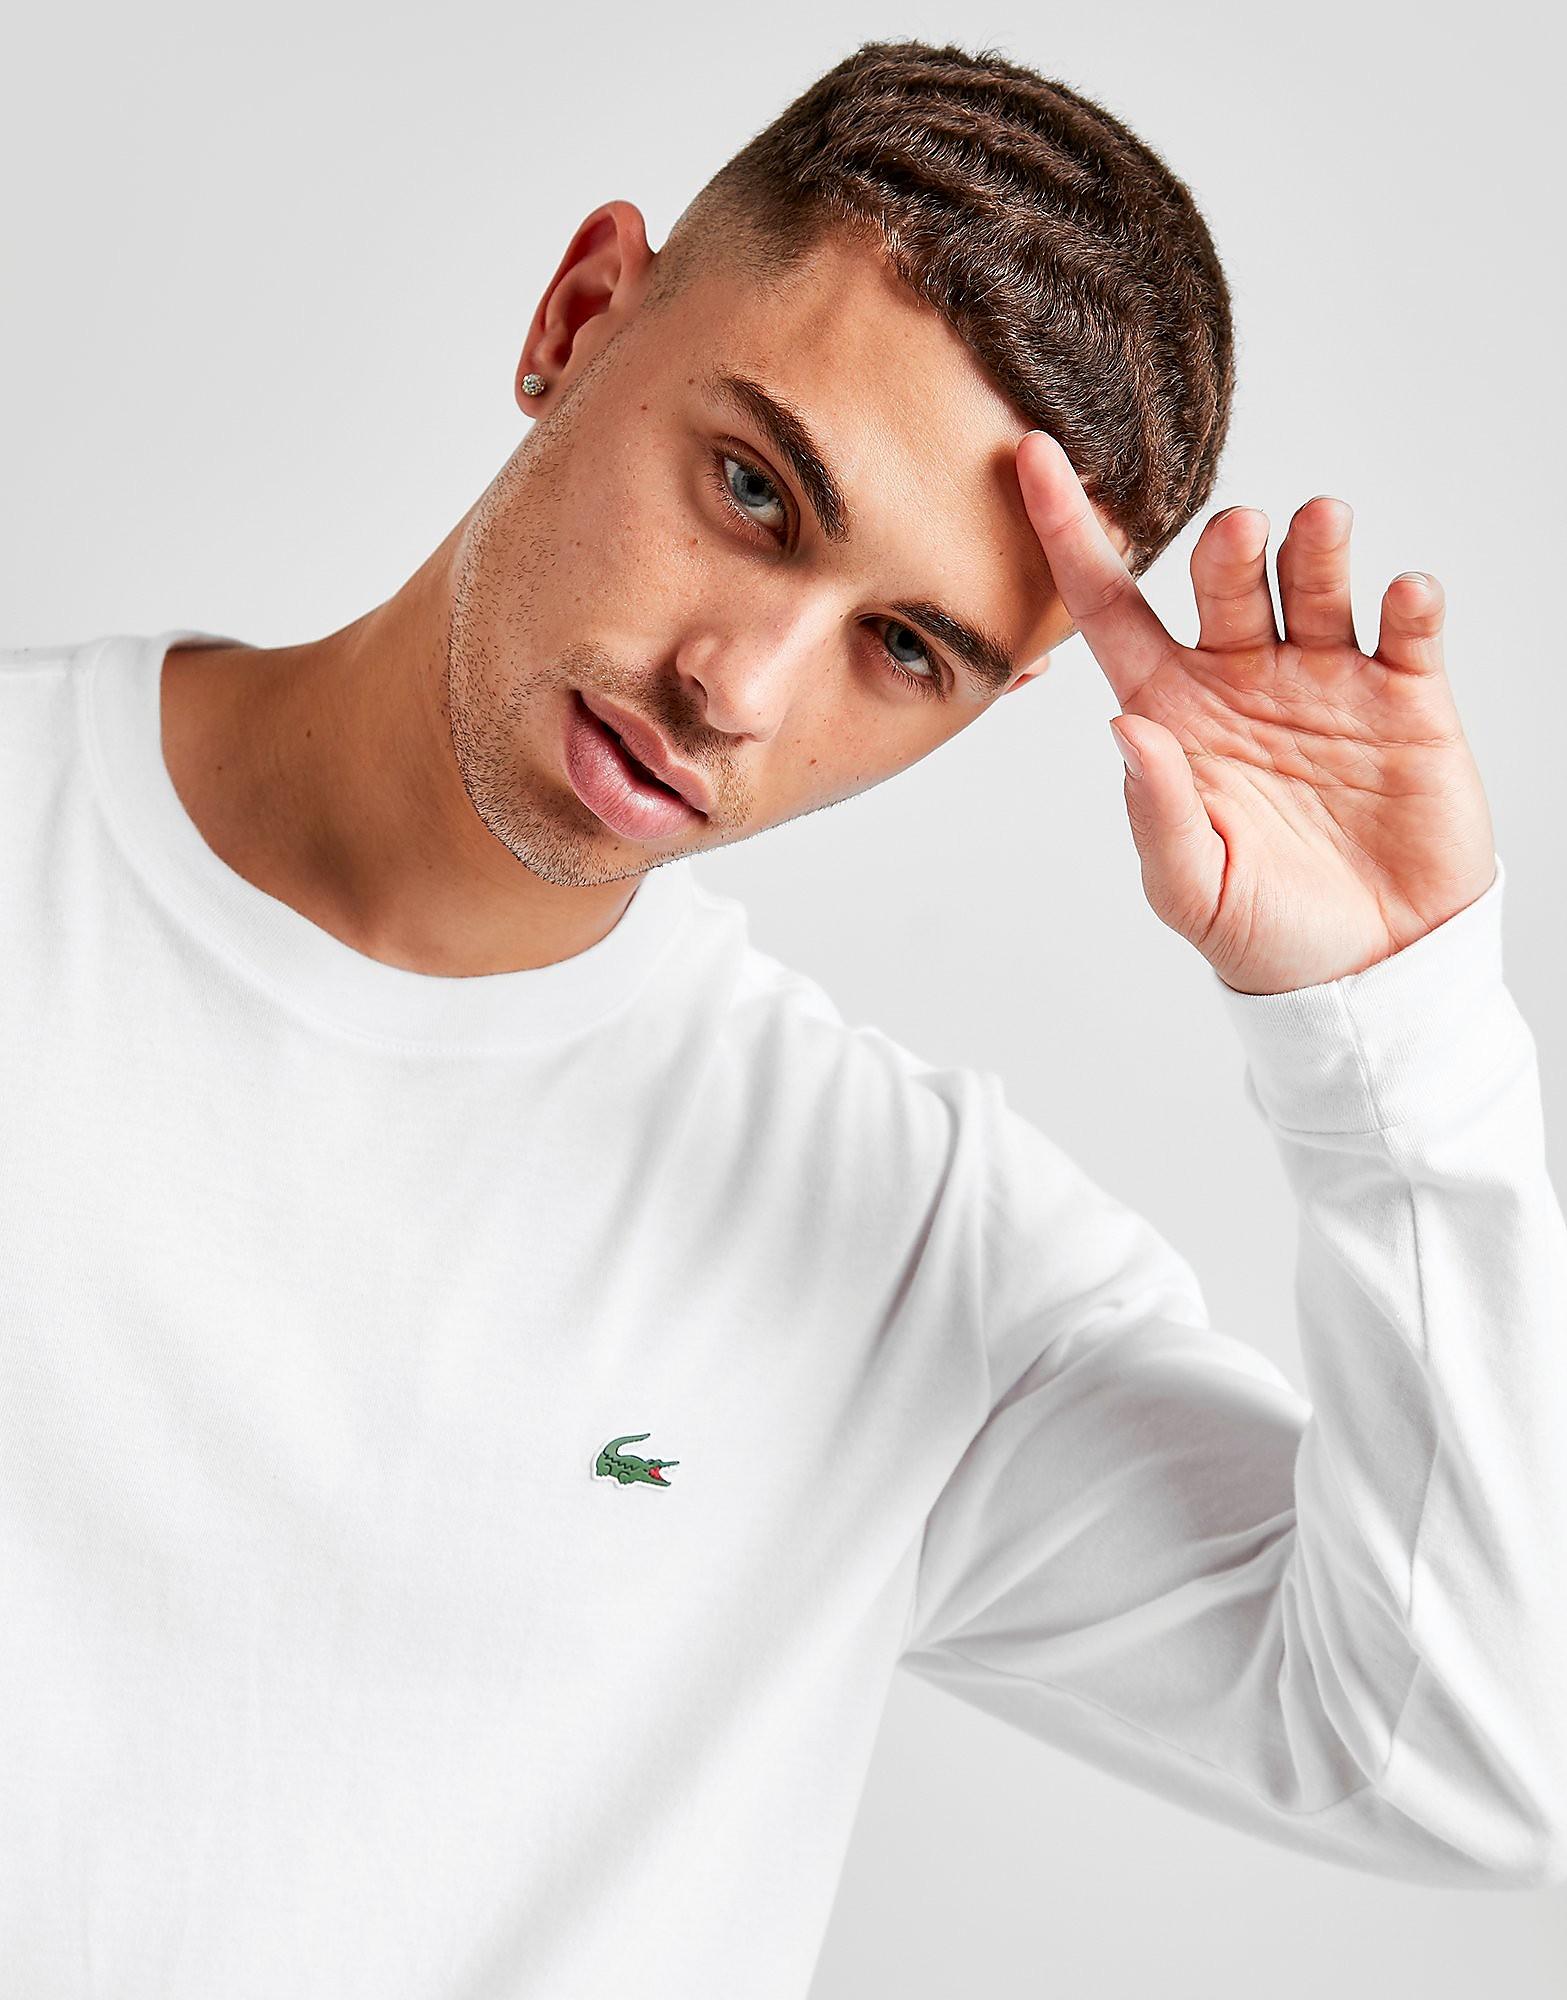 Lacoste Croc langärmeliges T-Shirt